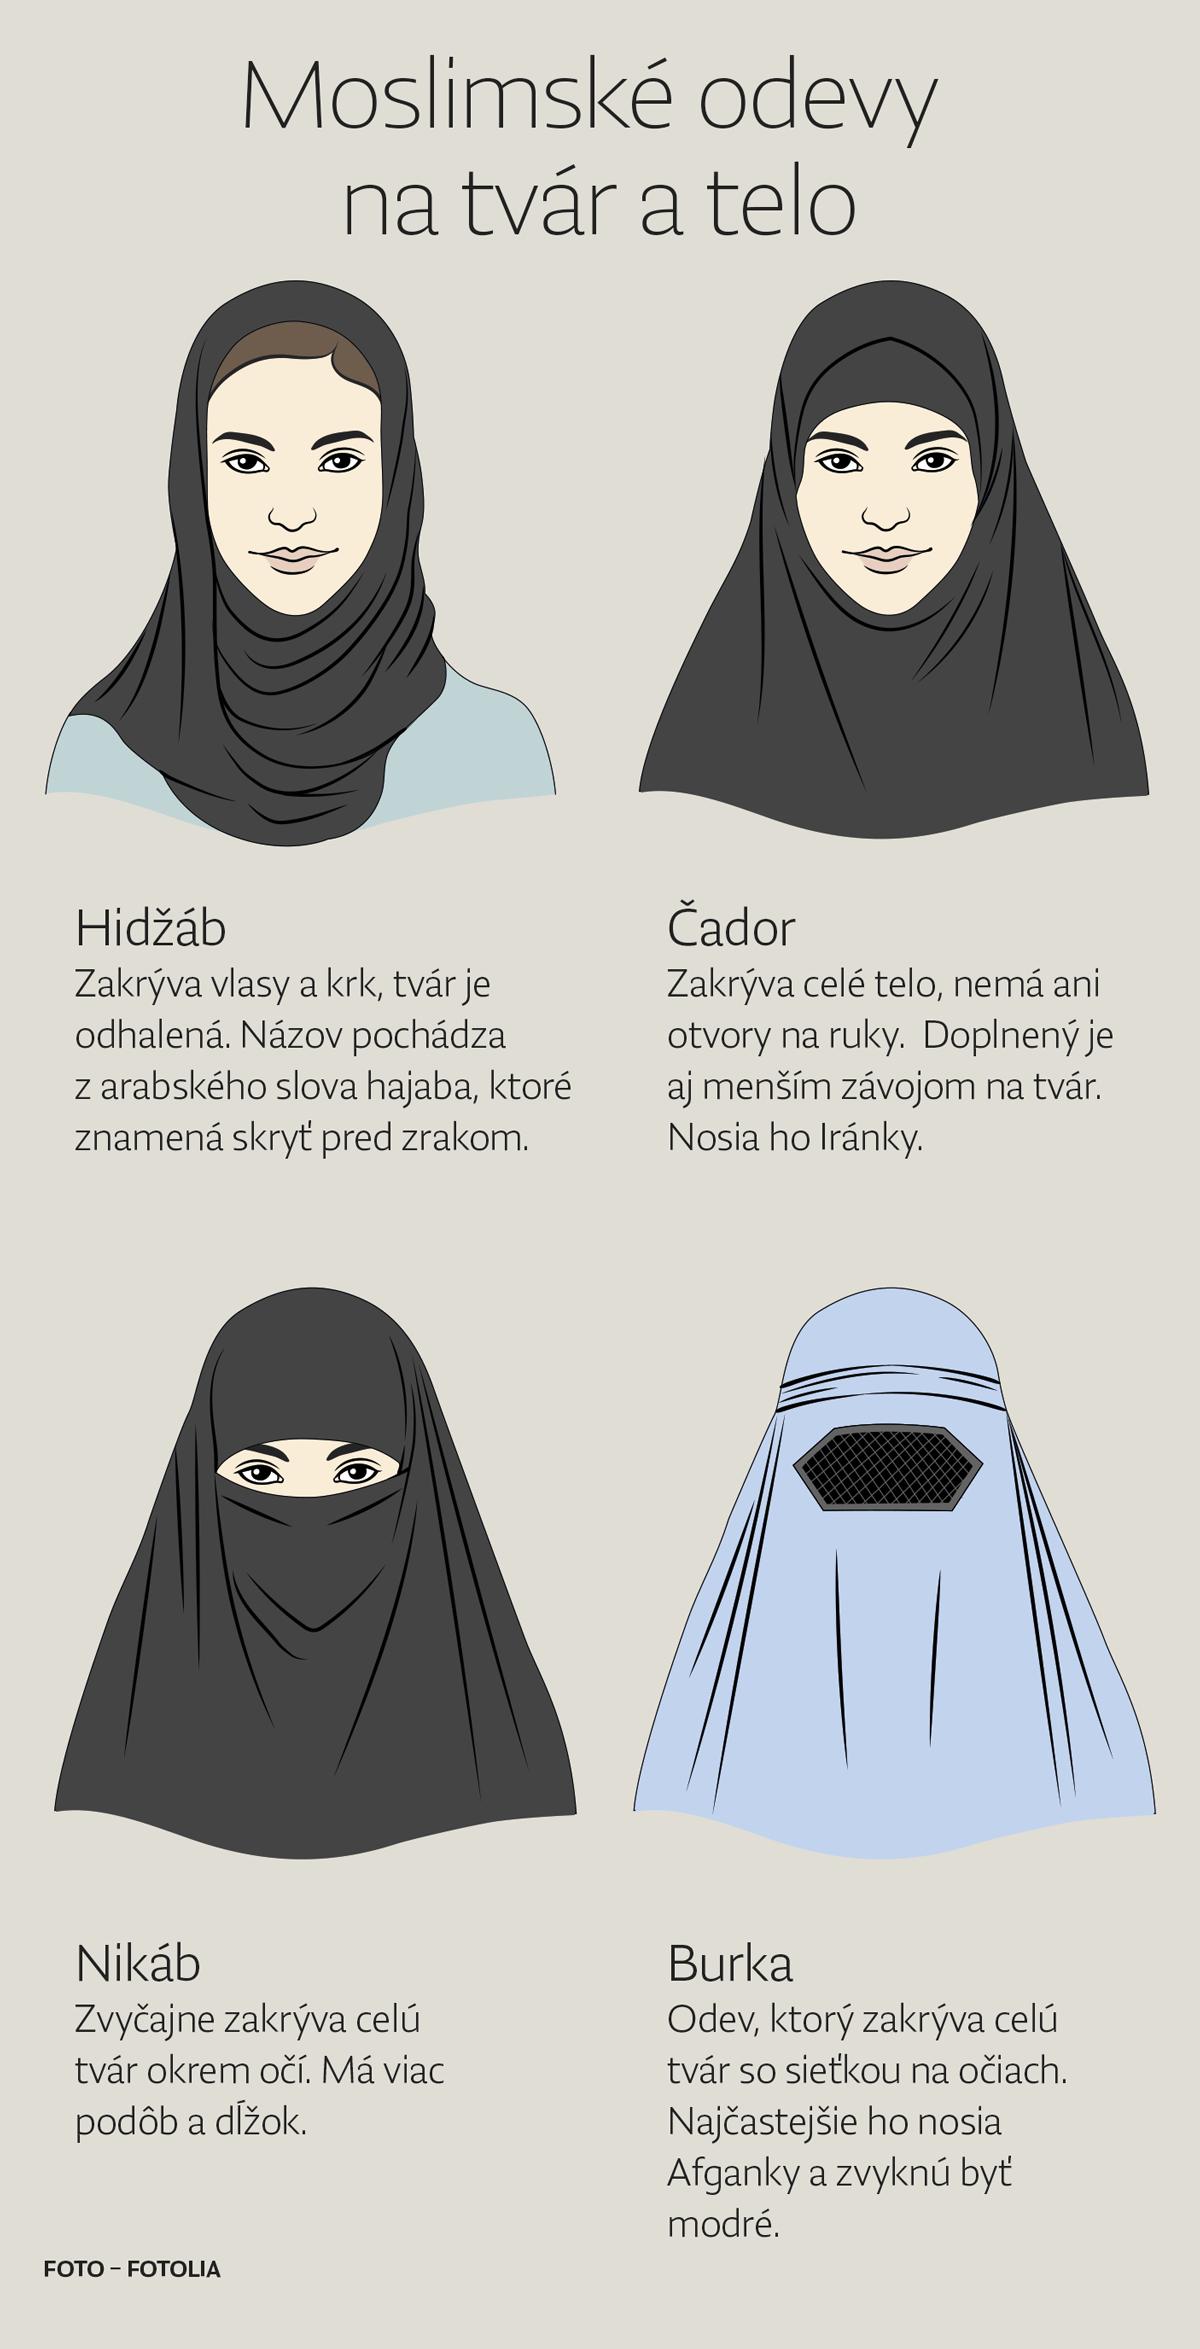 moslim_odev